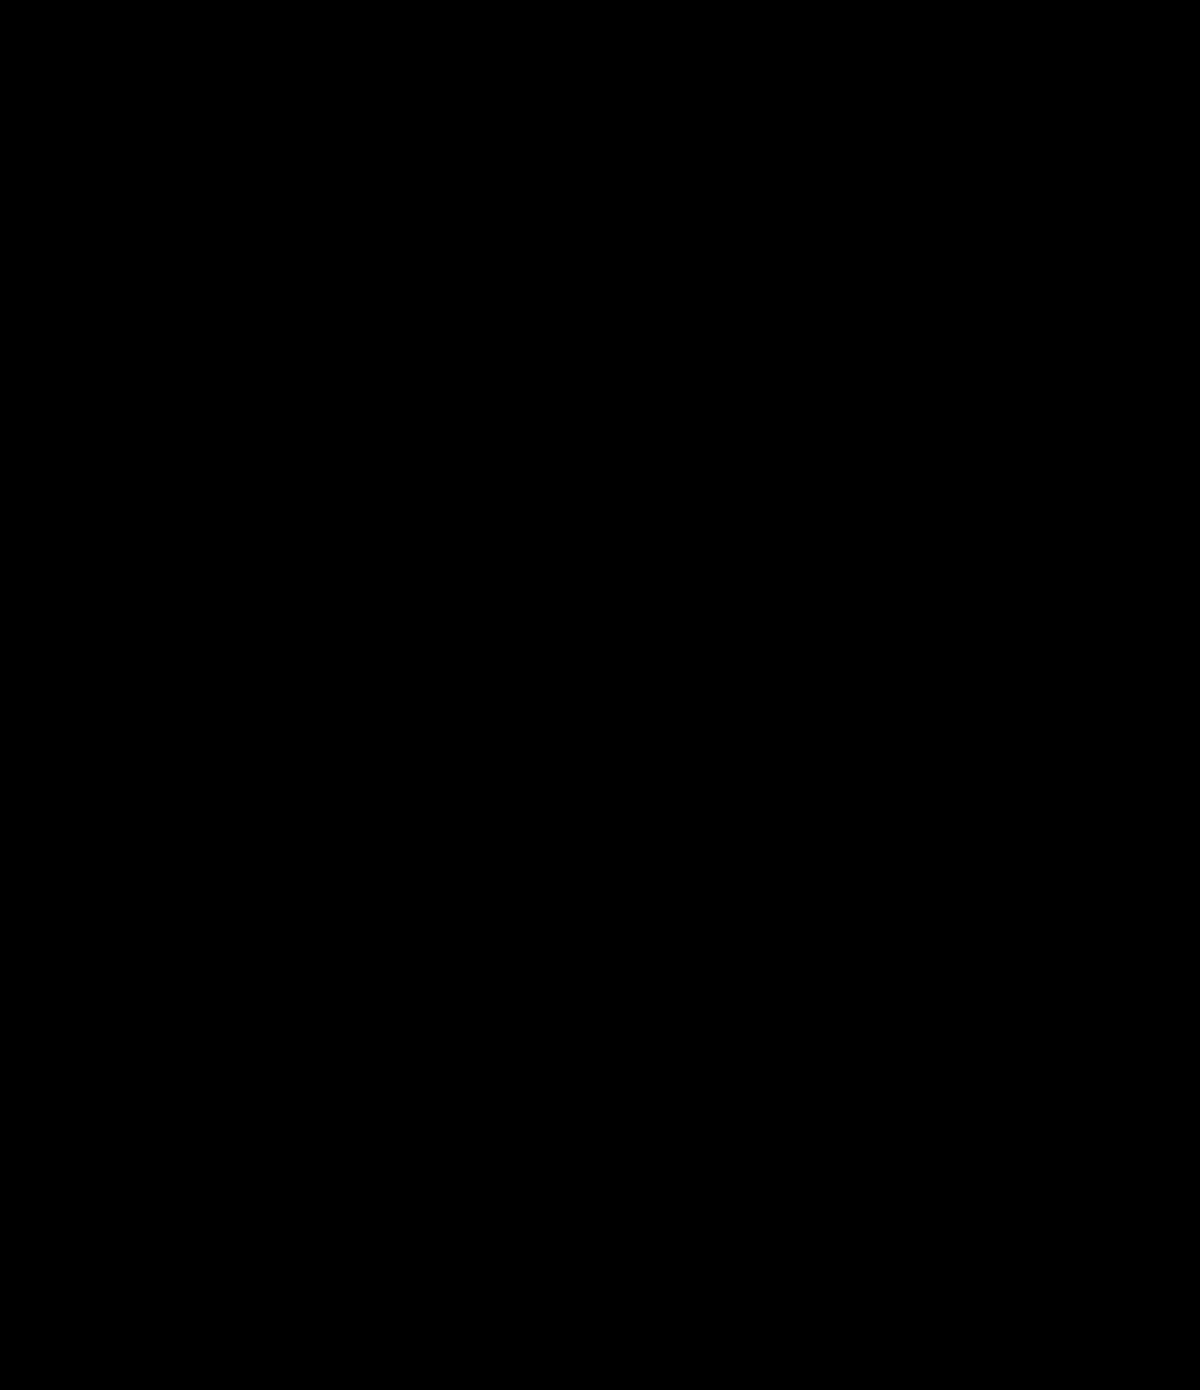 JUNTA DEPOSITO HIDRÁULICO TAKEUCHI TB135/TB125